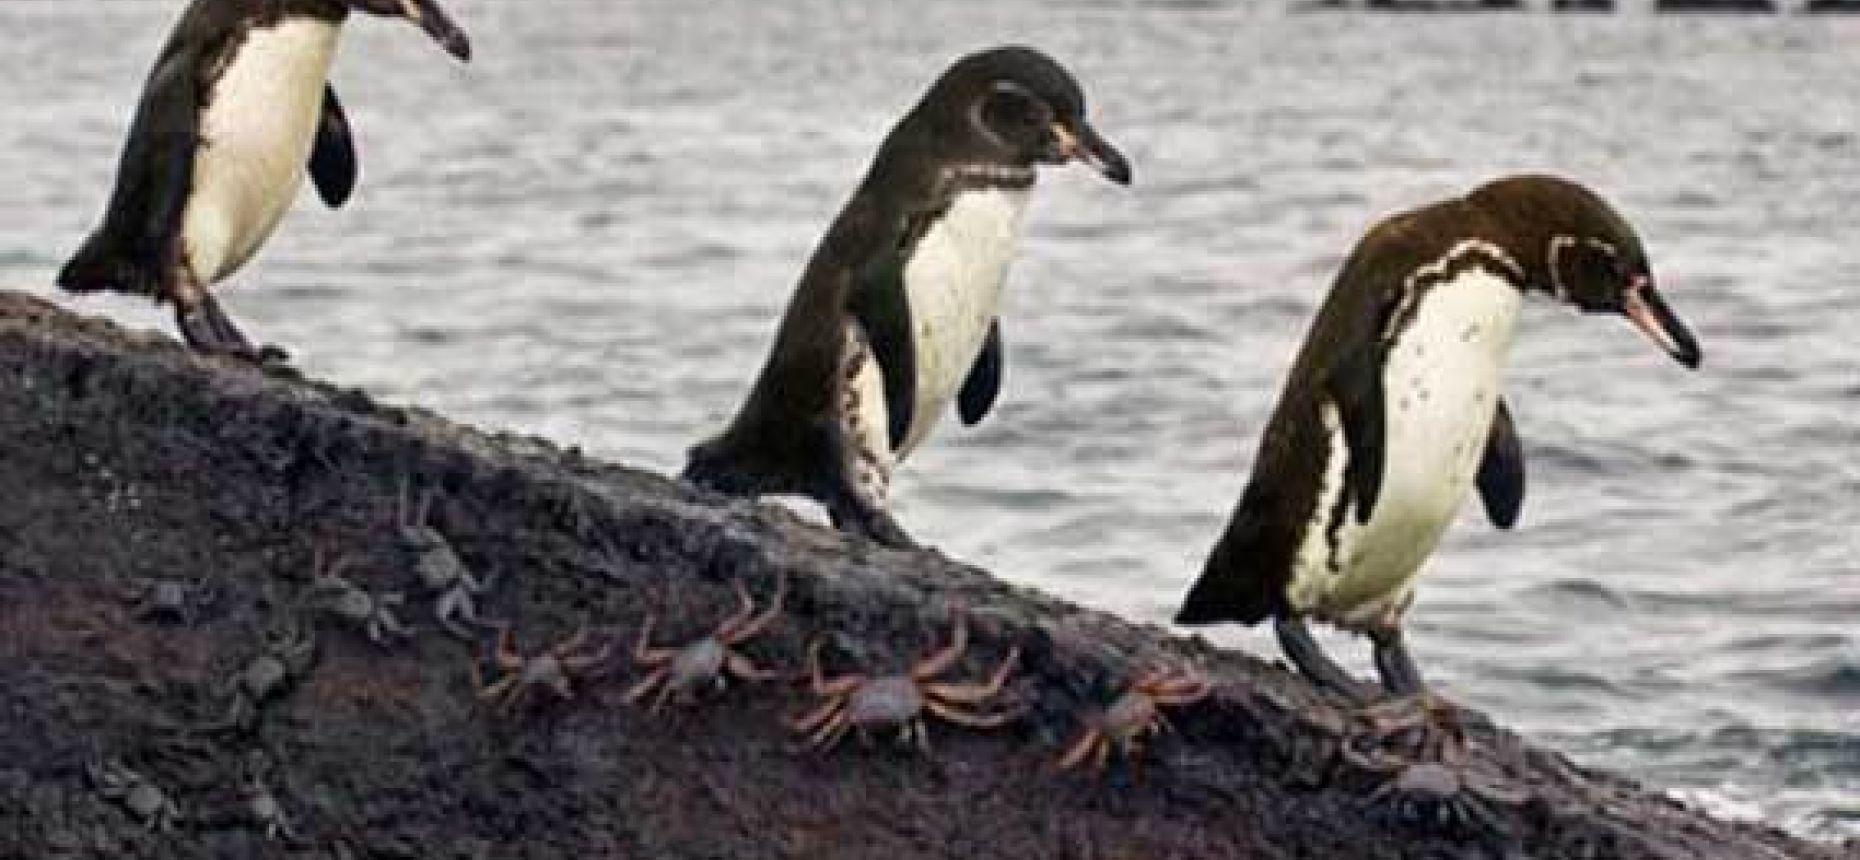 Пингвины, которые живут при температуре выше 20 °C